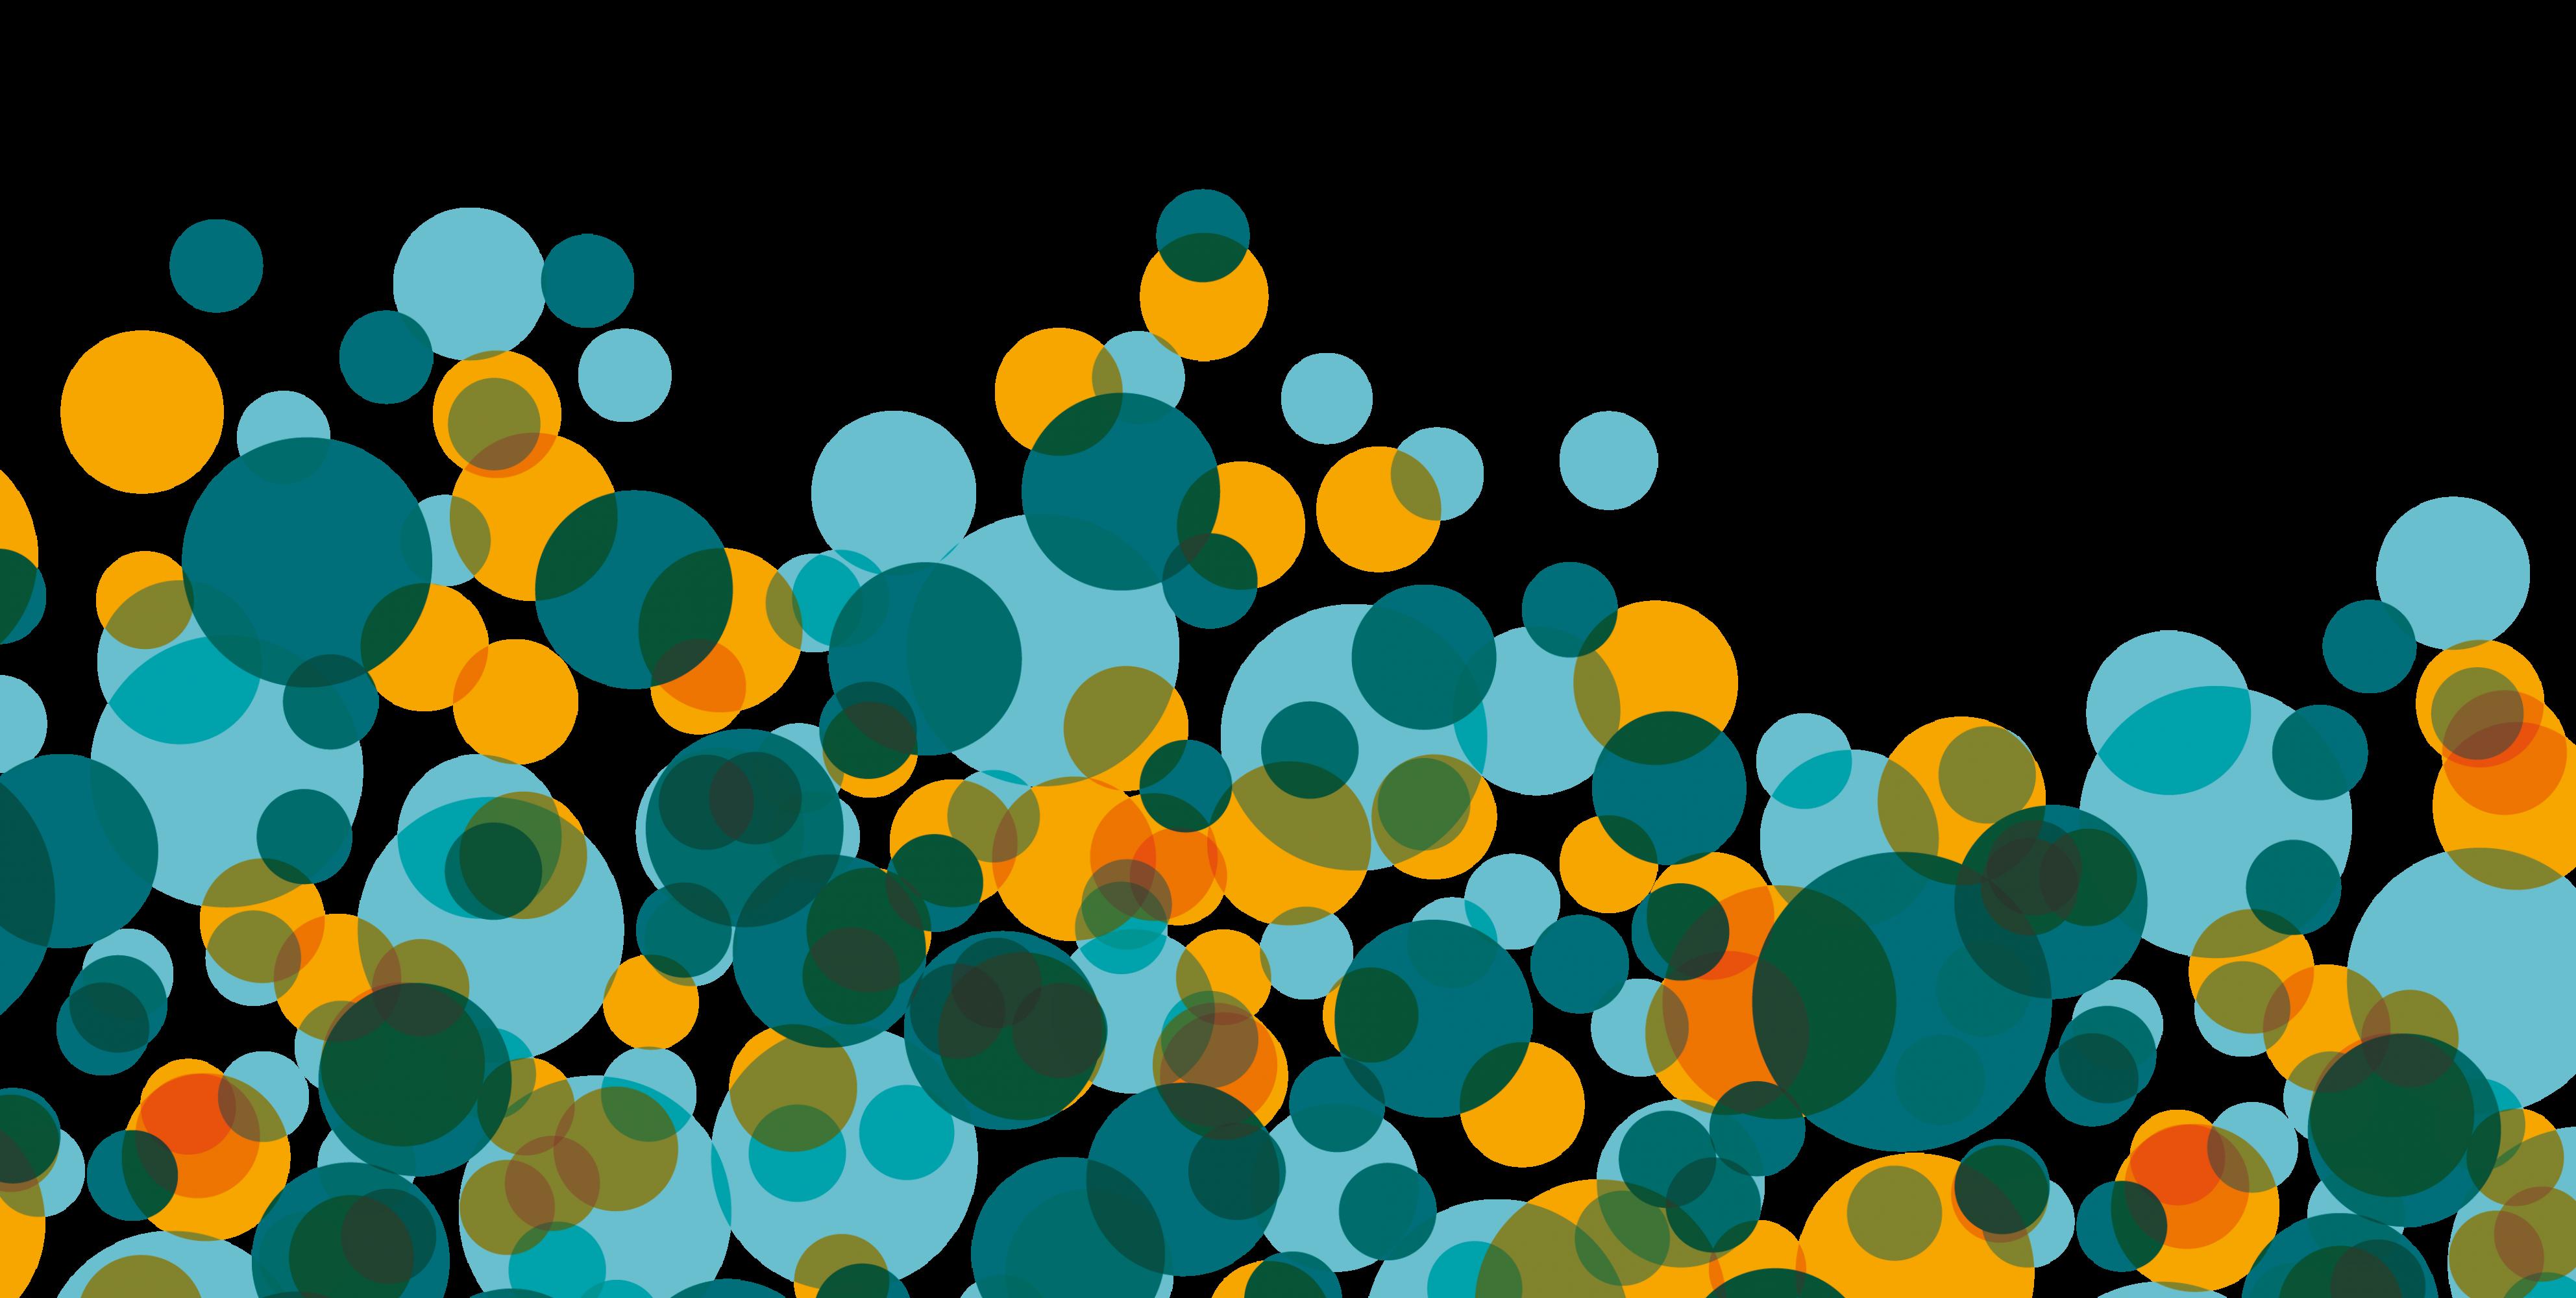 respektakademie-formlos-berlin-bradning-corporate-design-logo_Zeichenfläche 1